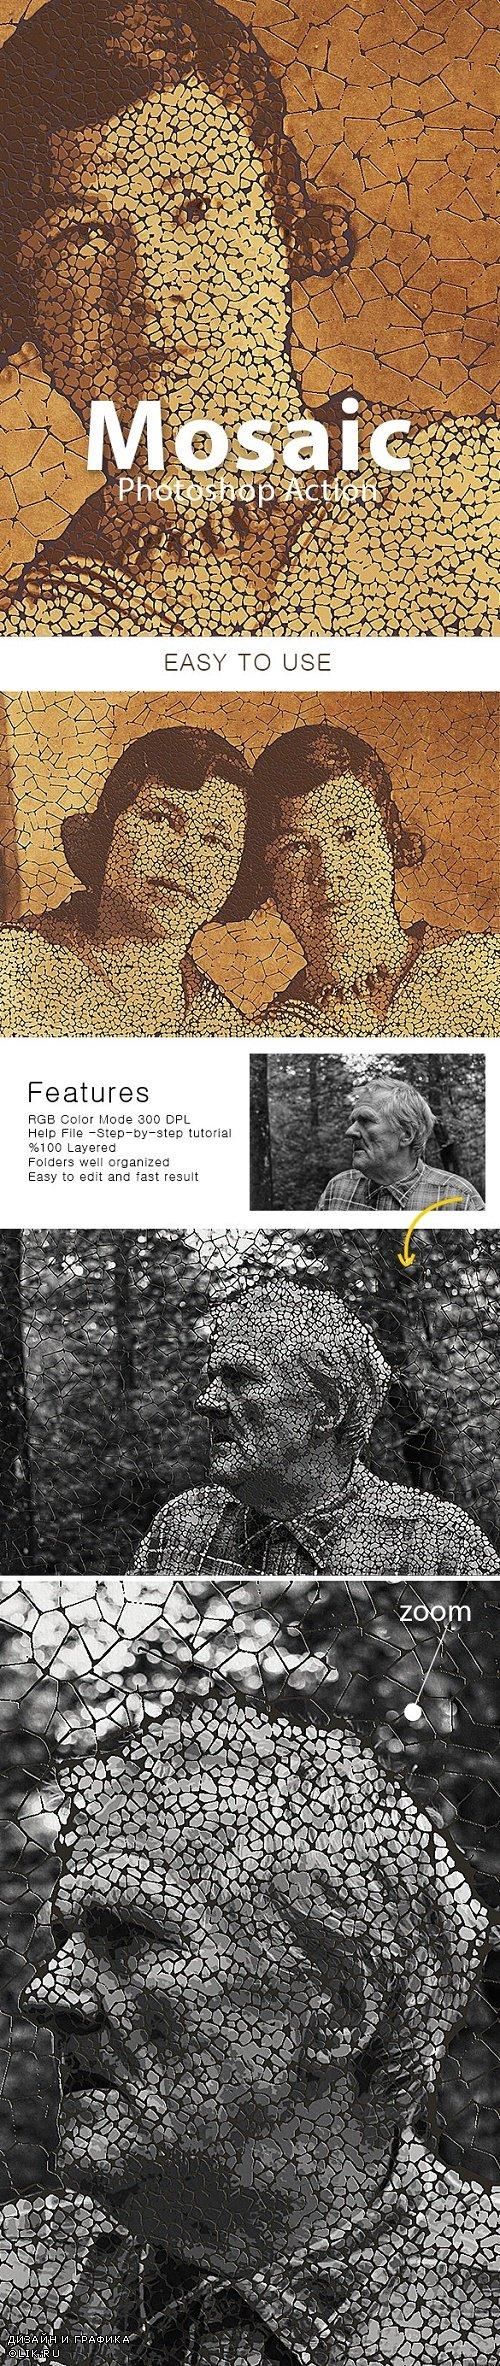 Mosaic Photoshop Action 24027255